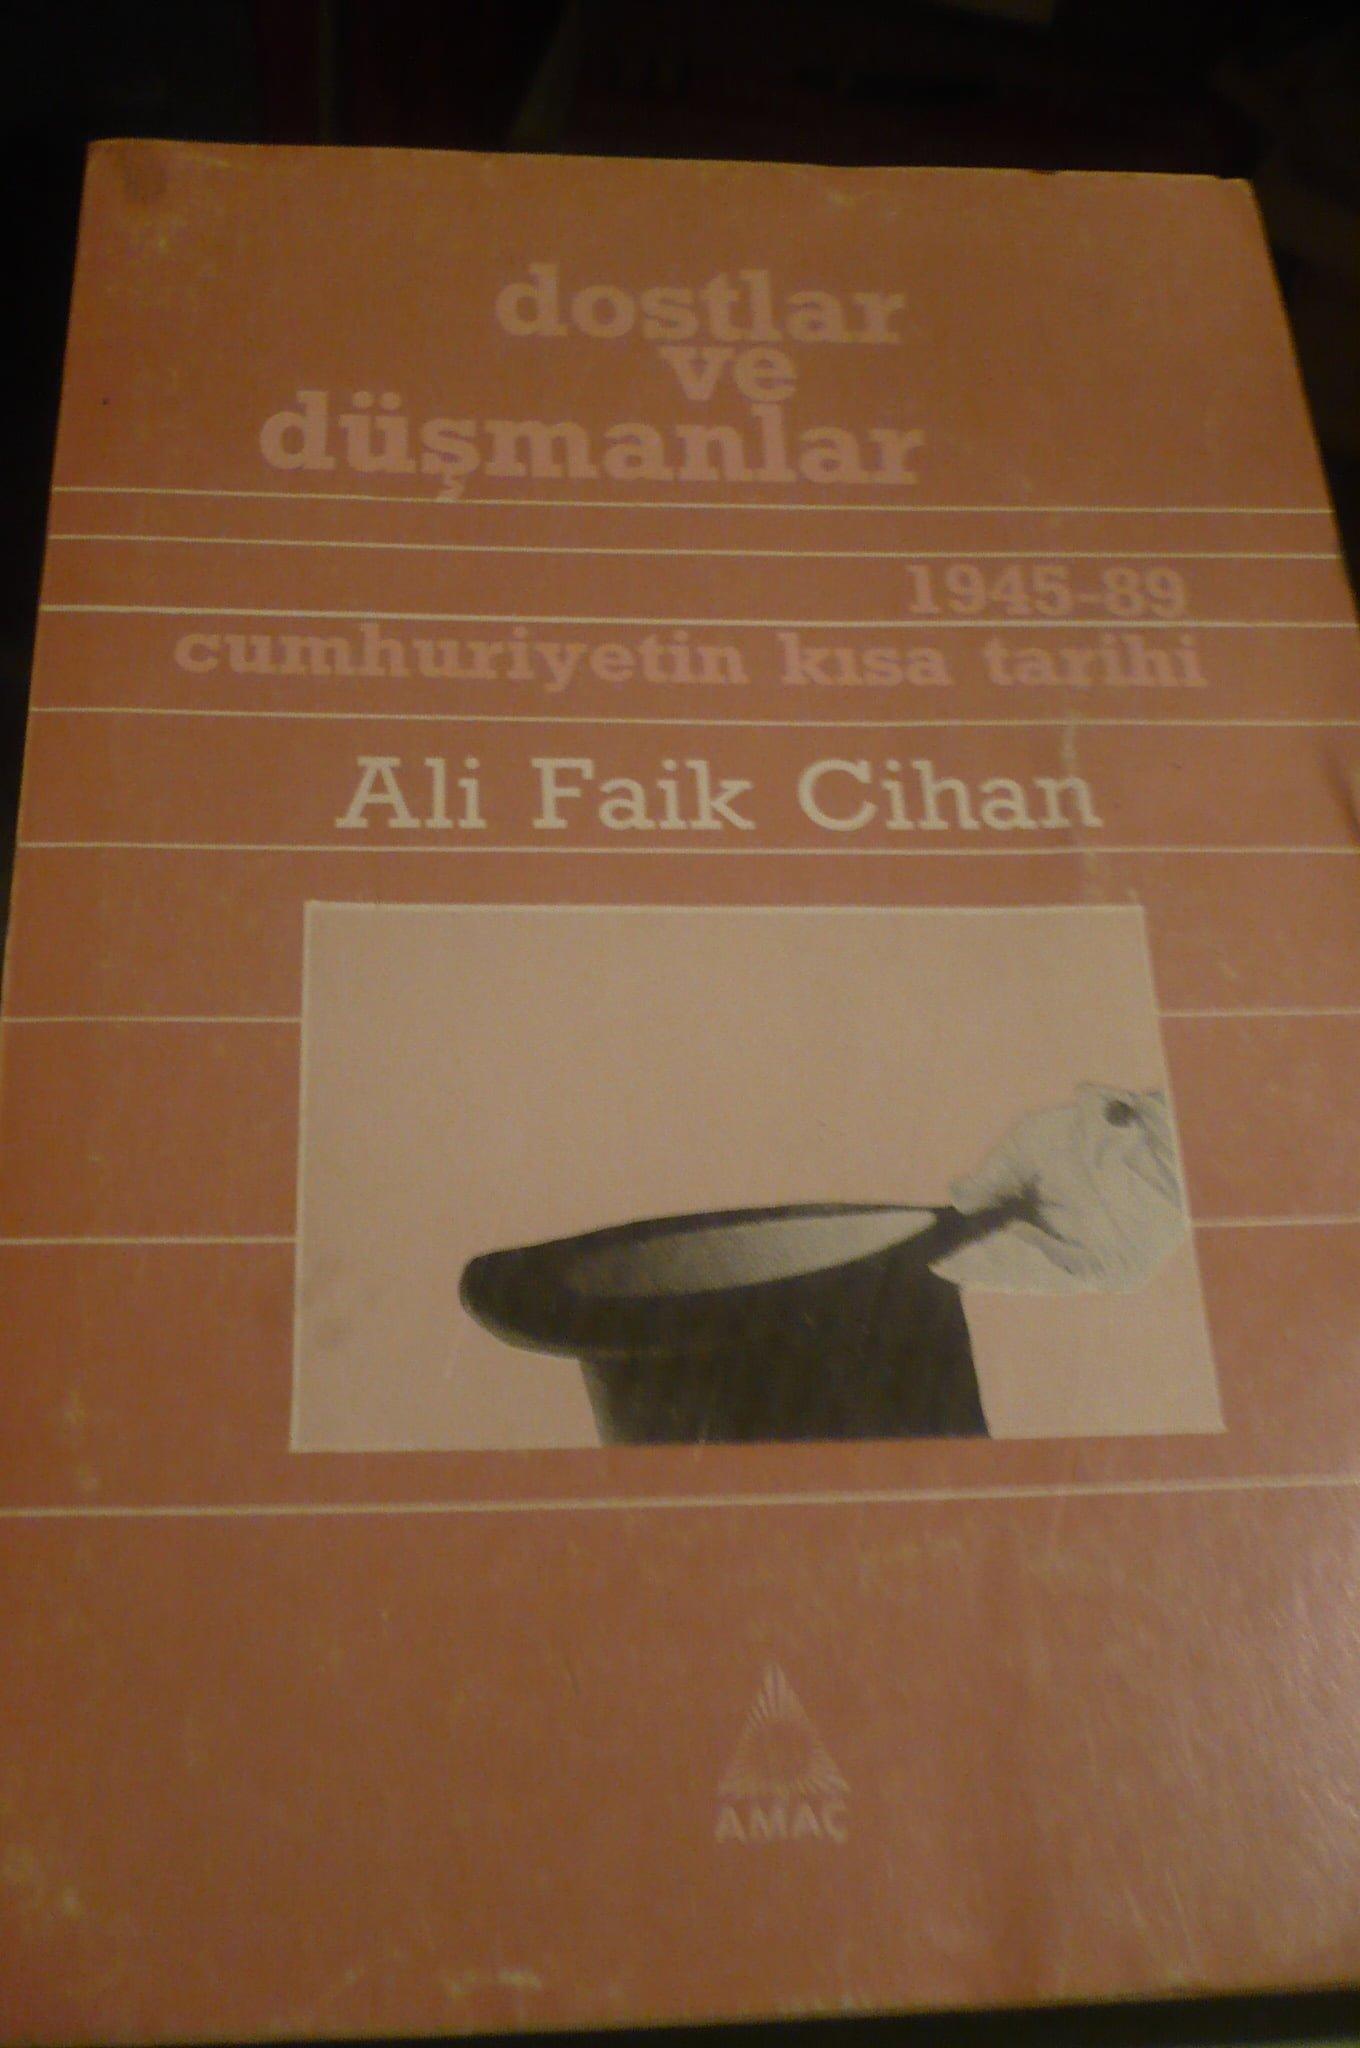 DOSTLAR VE DÜŞMANLAR-1945-1989-Cumhuriyetin Kısa Tarihi/Ali Faik CİHAN/15 tl